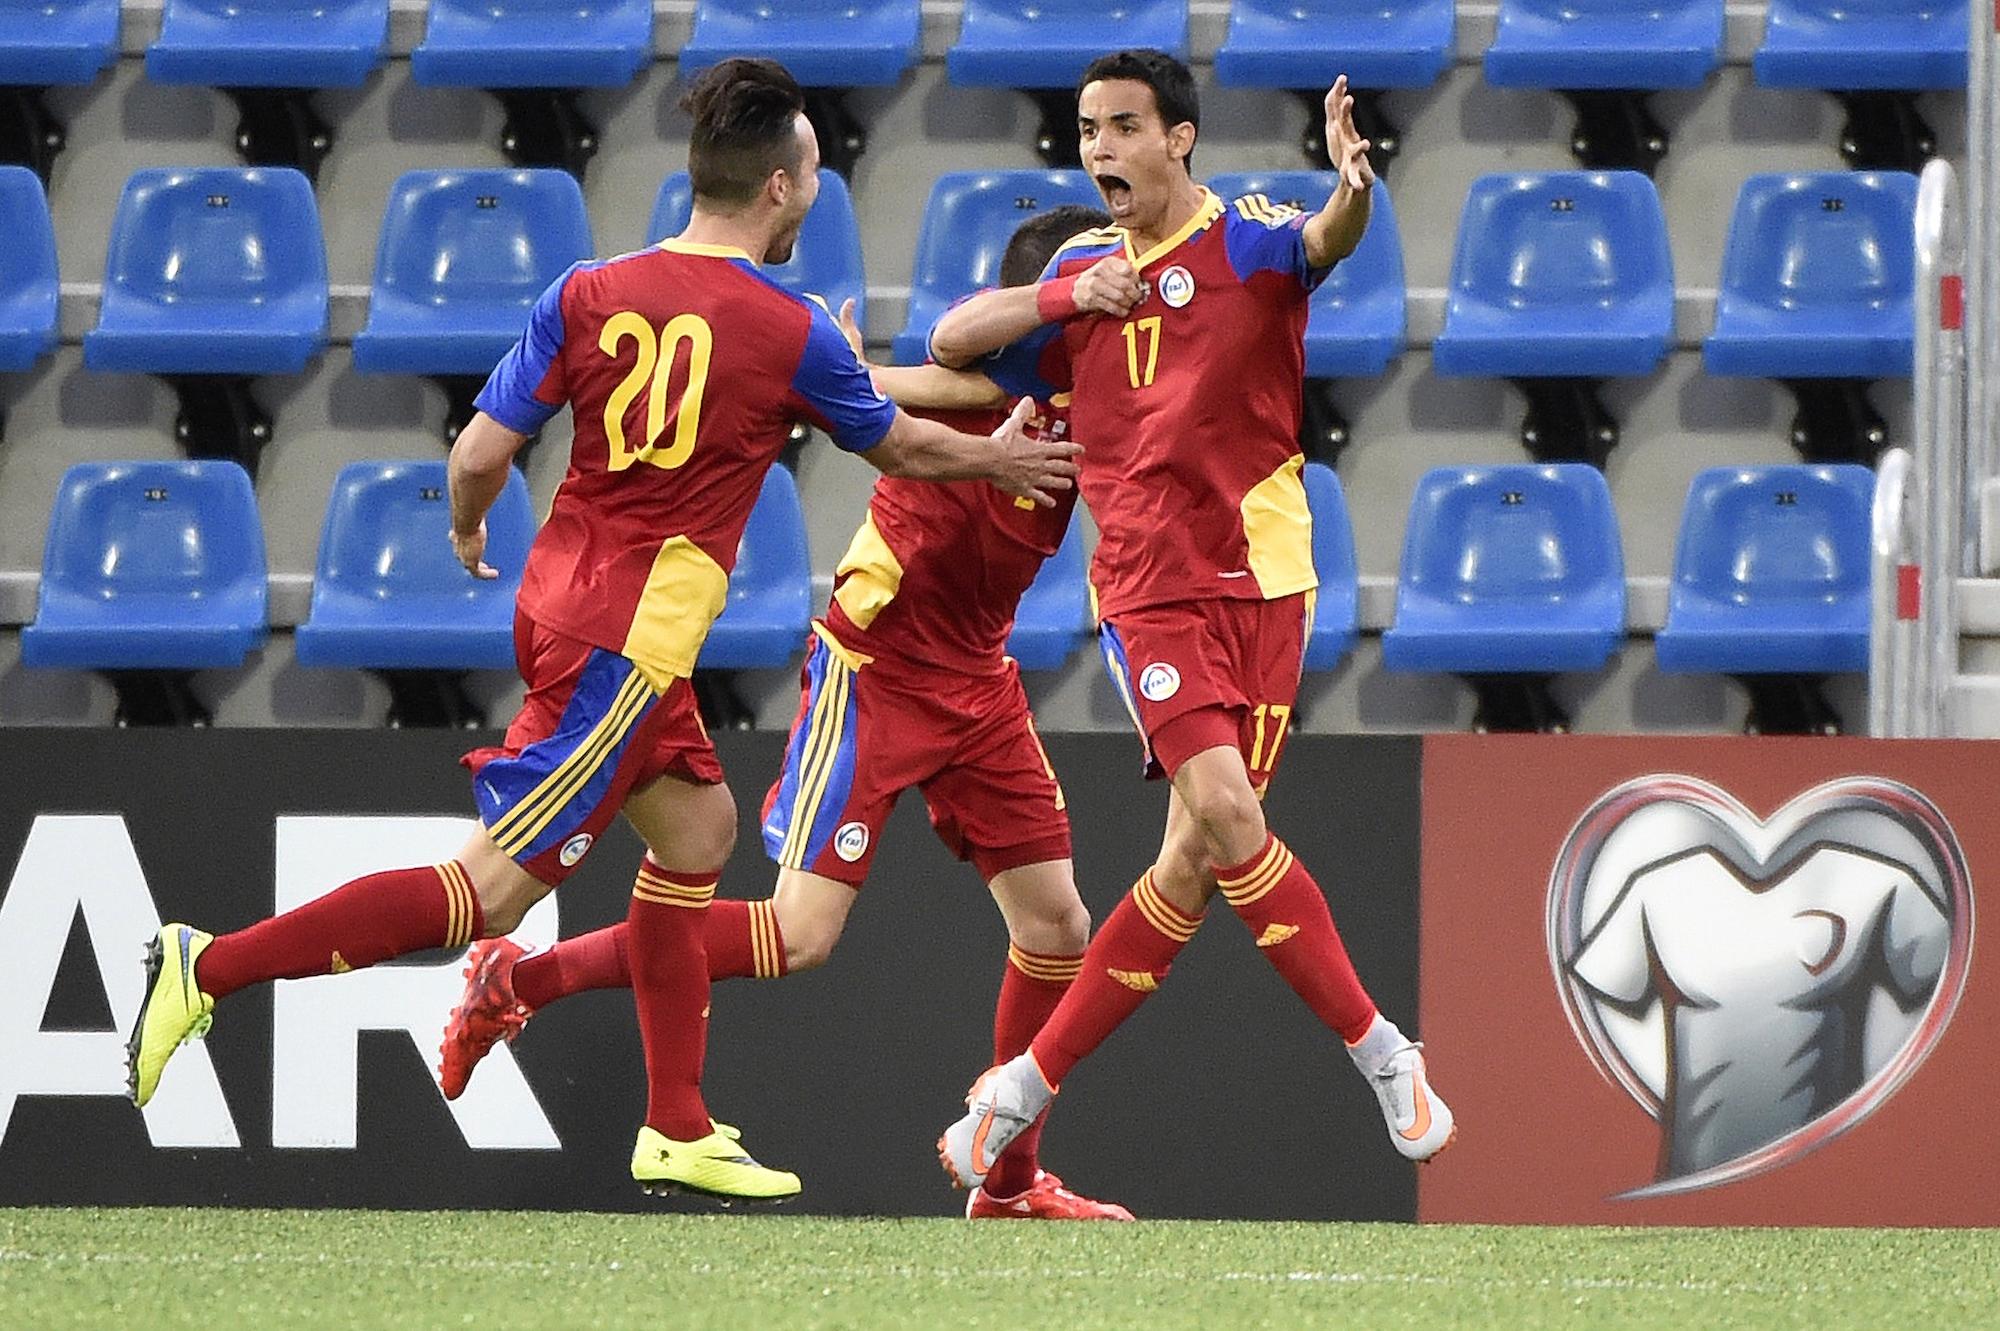 Aaron Sanchez esulta dopo il primo - e unico - gol segnato da Andorra nella fase di qualificazione all'Europeo